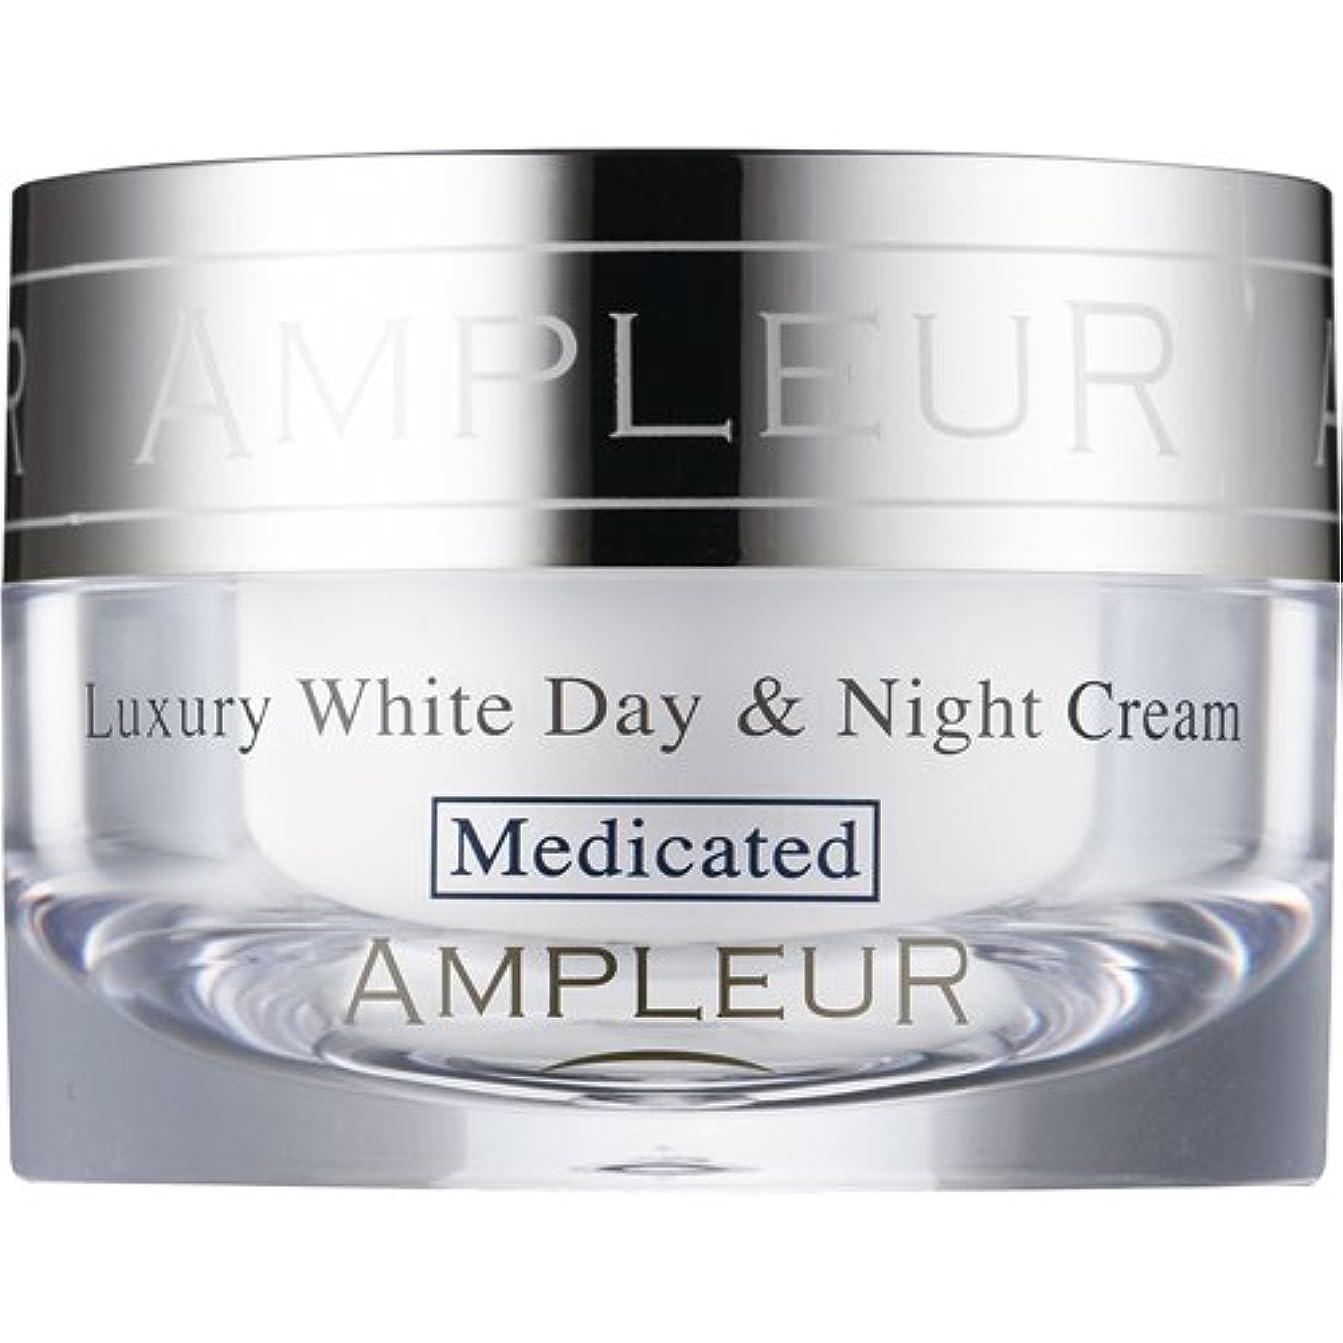 乳製品凍った画面AMPLEUR(アンプルール) ラグジュアリーホワイト 薬用デイ&ナイトクリーム 30g